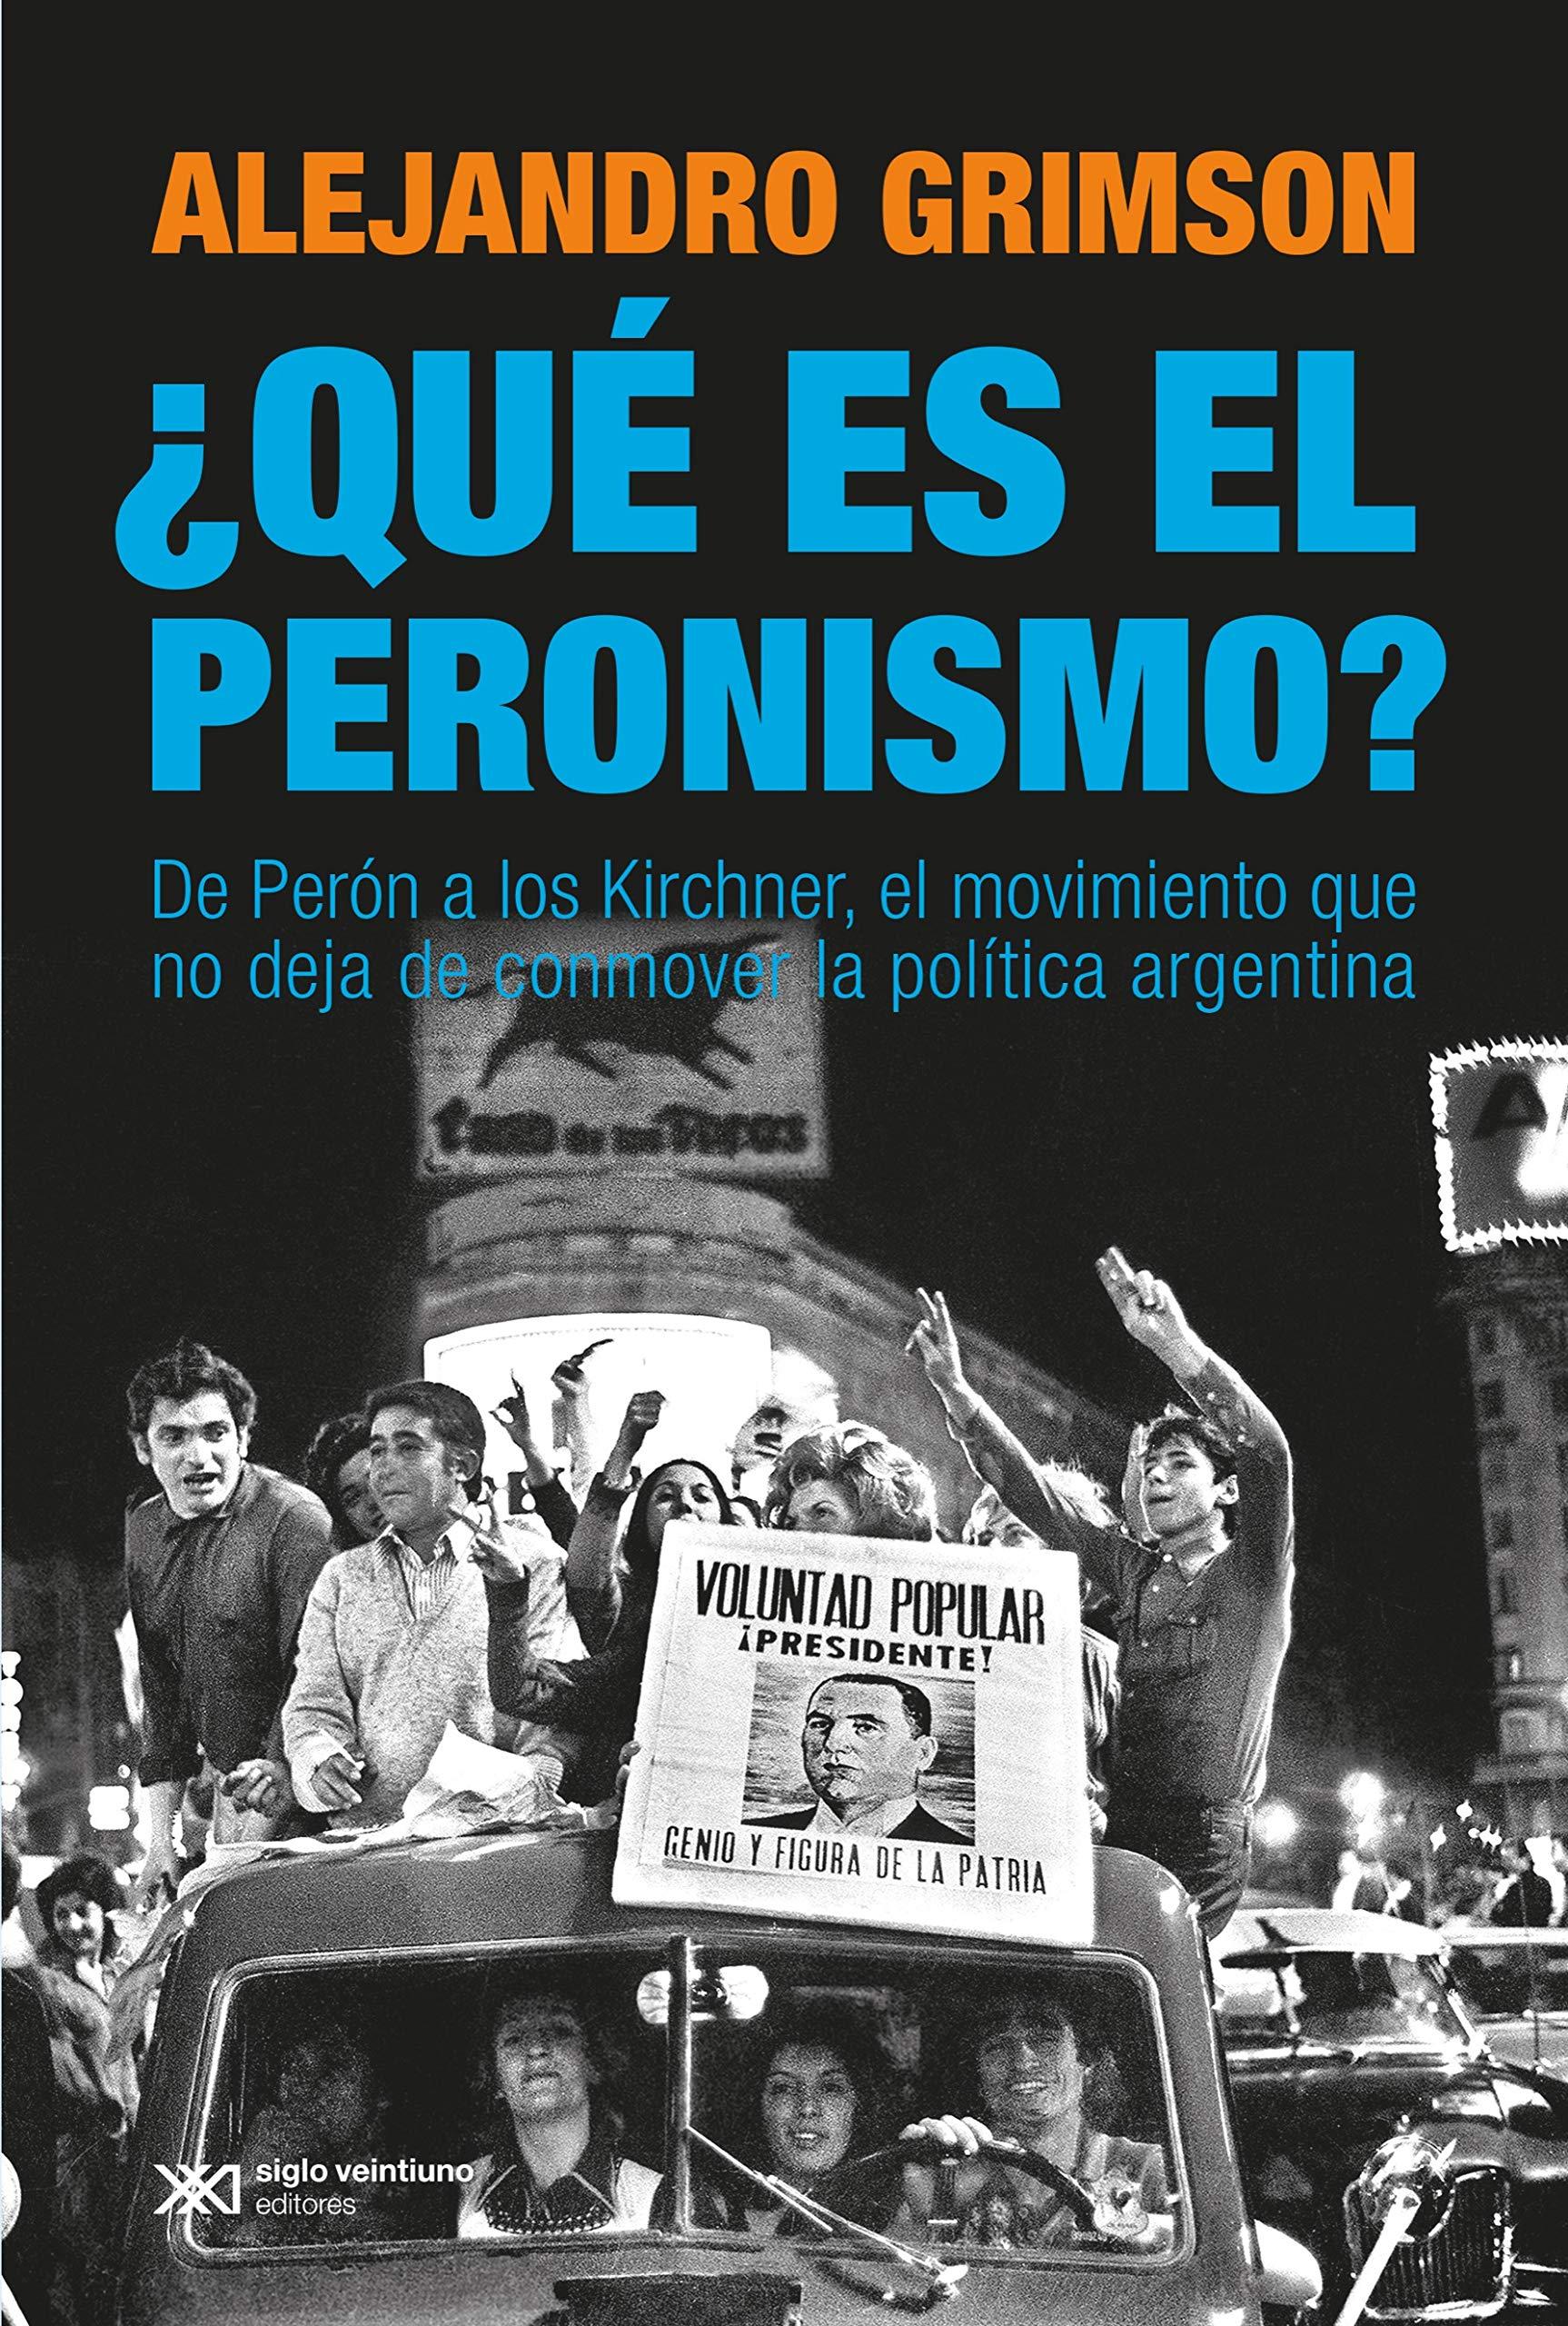 ¿Qué es el peronismo? De Perón a los Kirchner, el movimiento que no deja de conmover la política argentina (Singular)